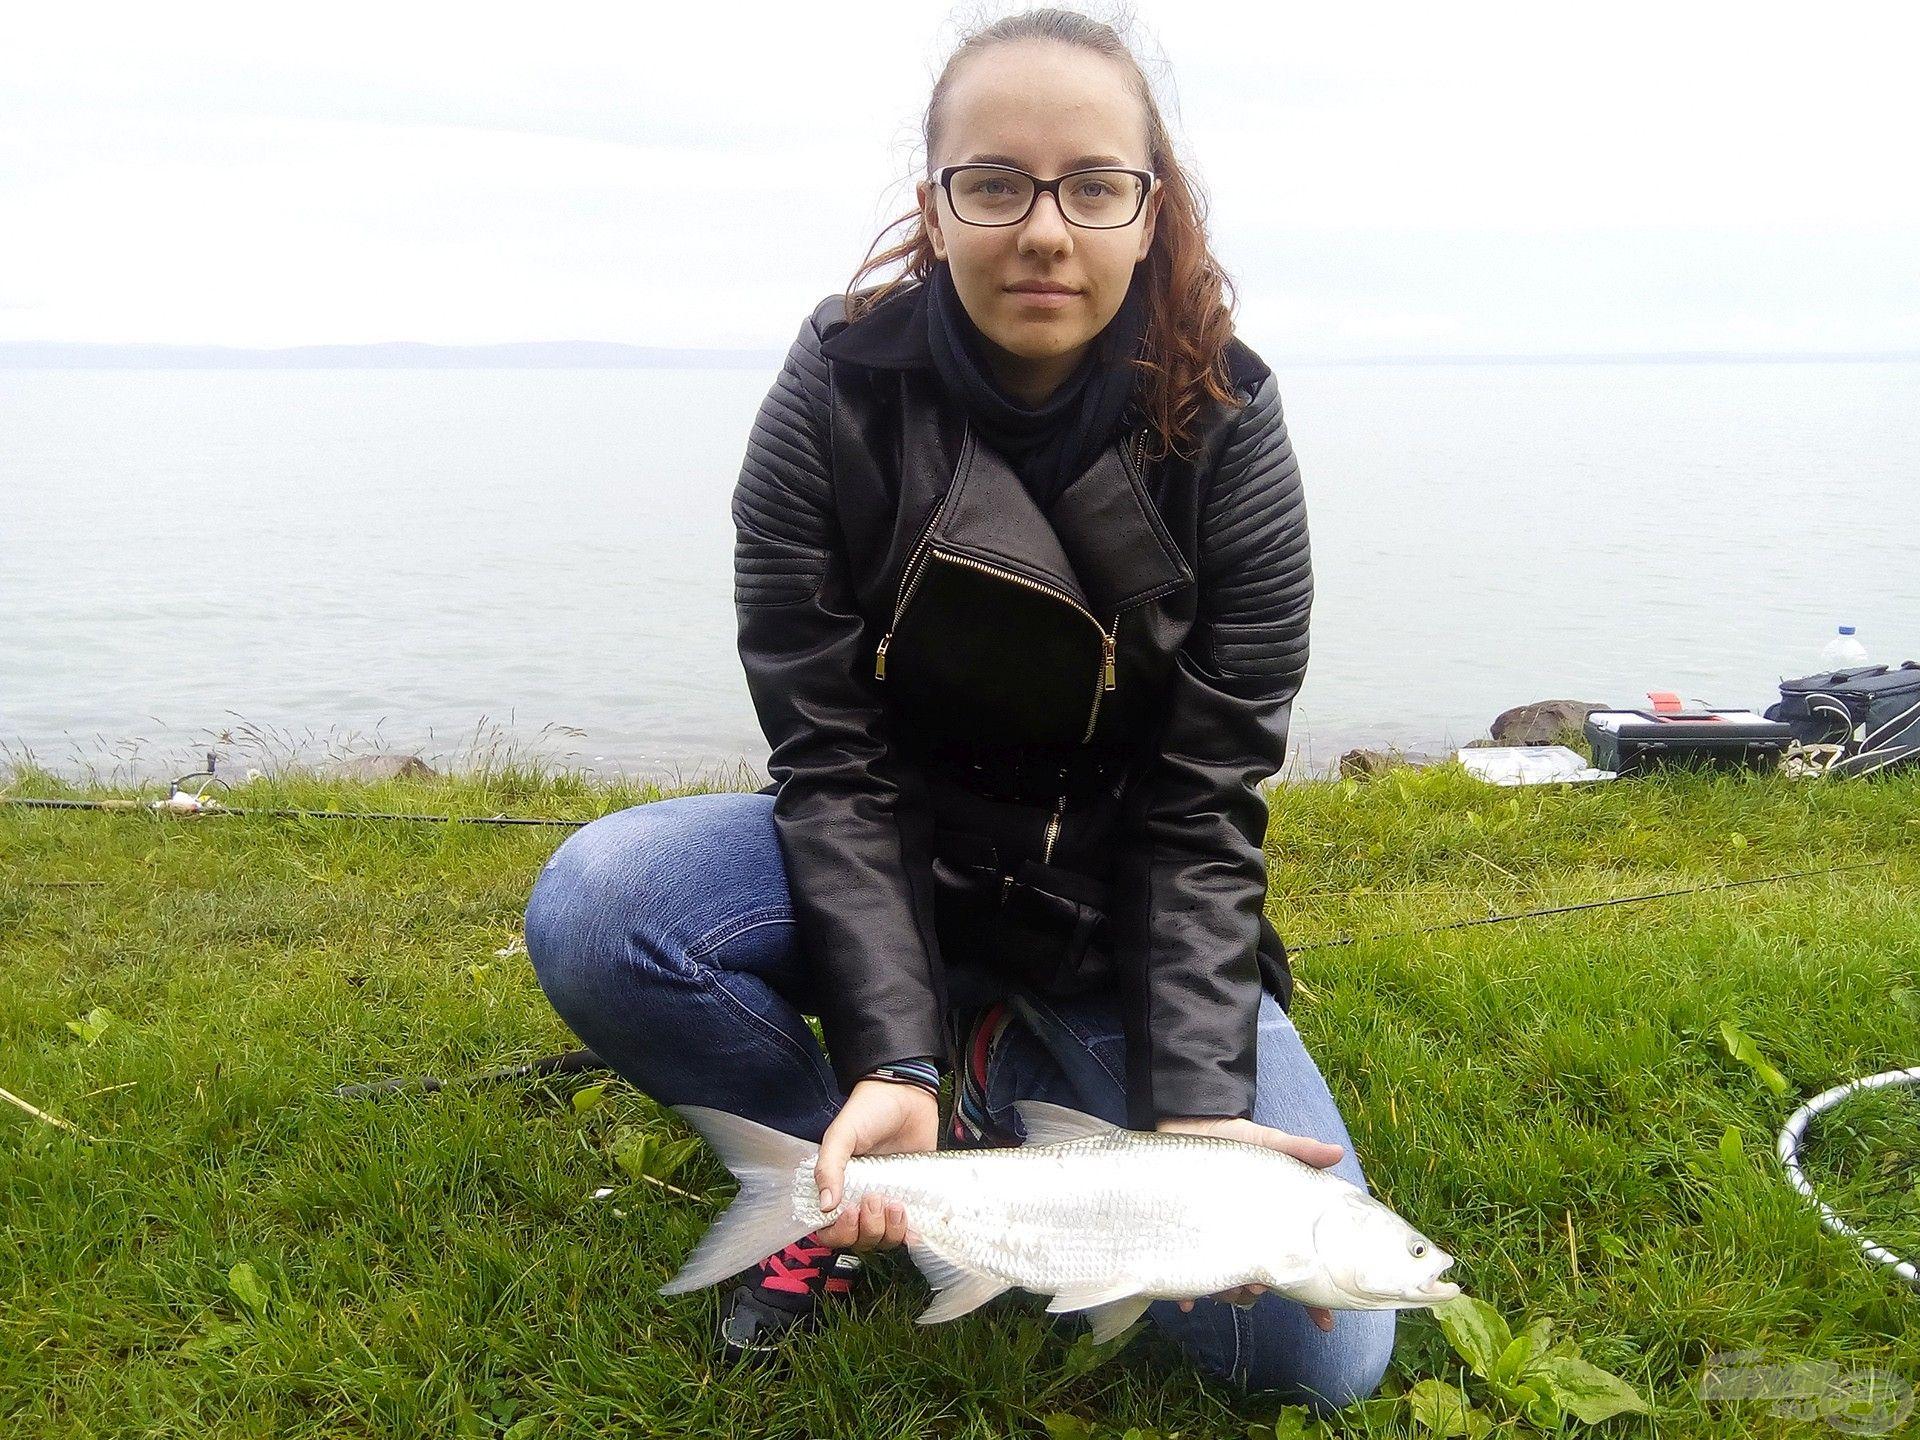 Remek élmény ezekre a halakra horgászni!